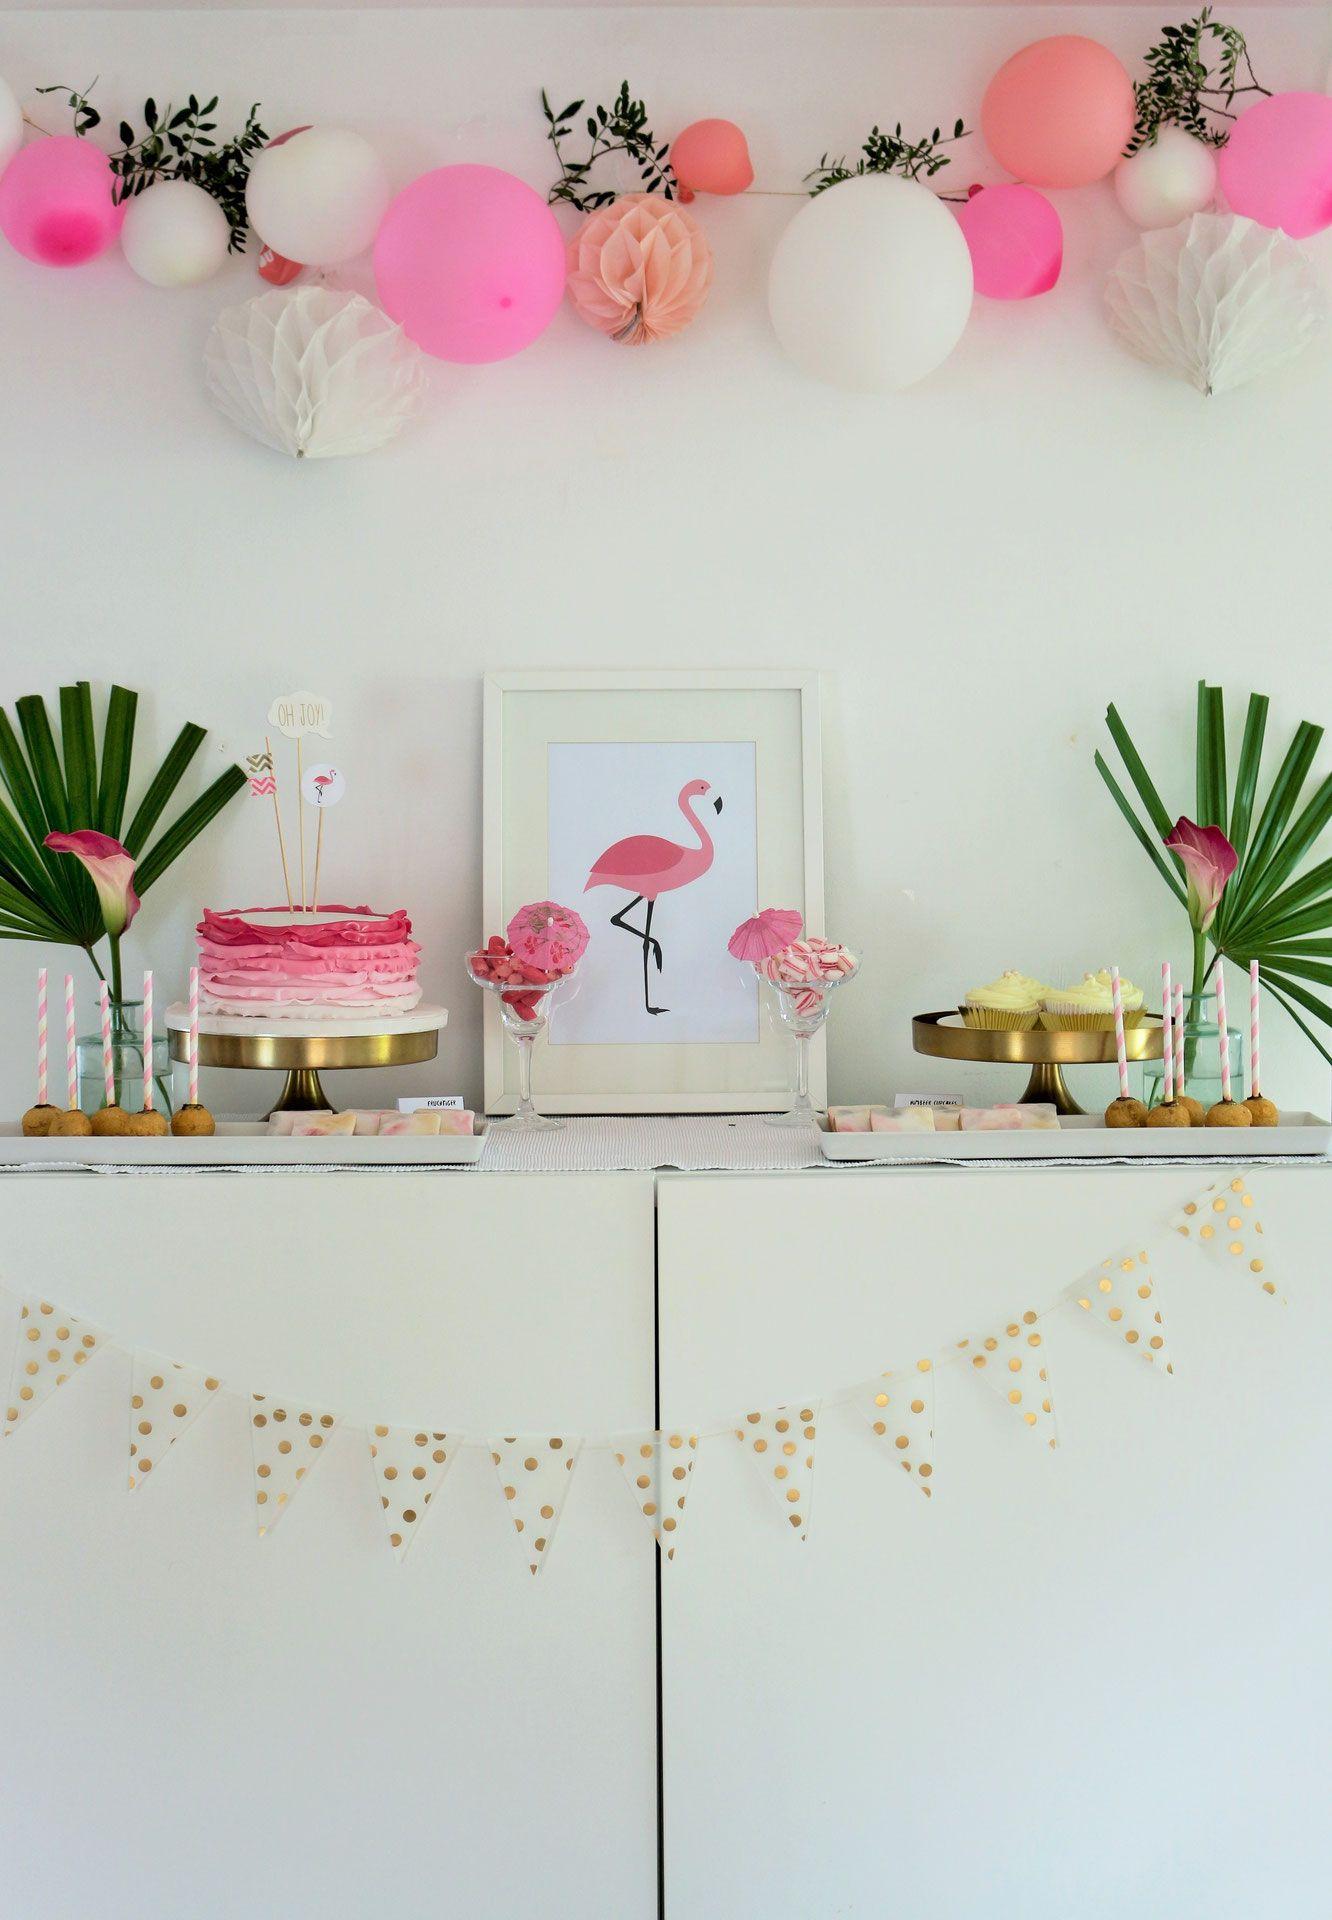 Flamingo Party DIY Deko Ideen  Flamingo party, Party